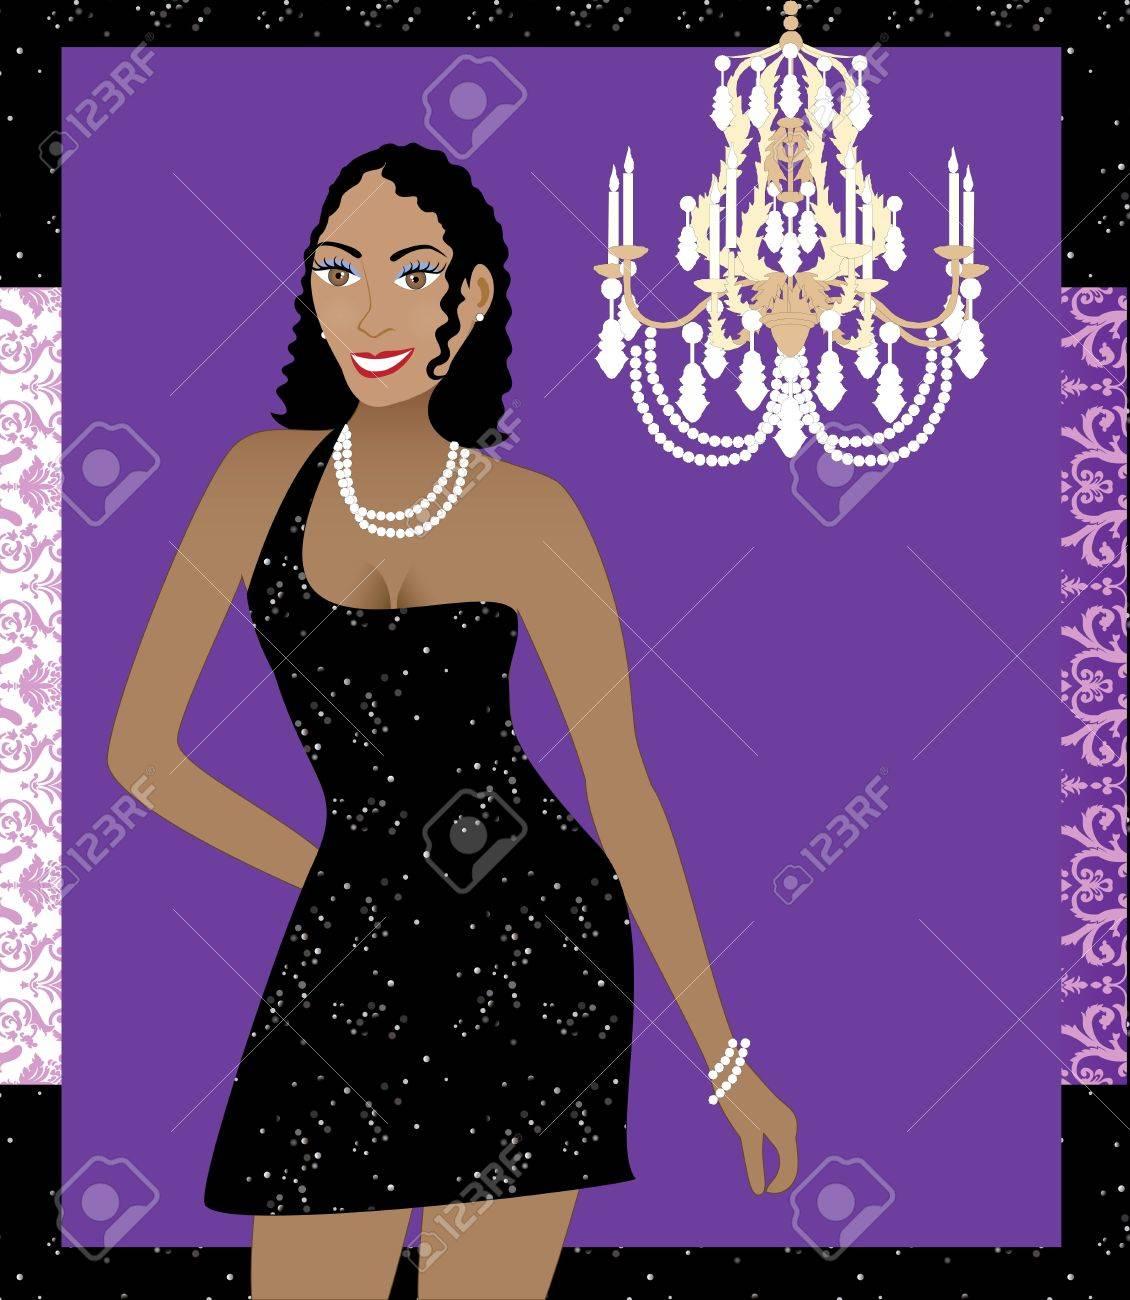 Ilustración De Una Mujer En Vestido Negro. Puede Ser Utilizado Para ...